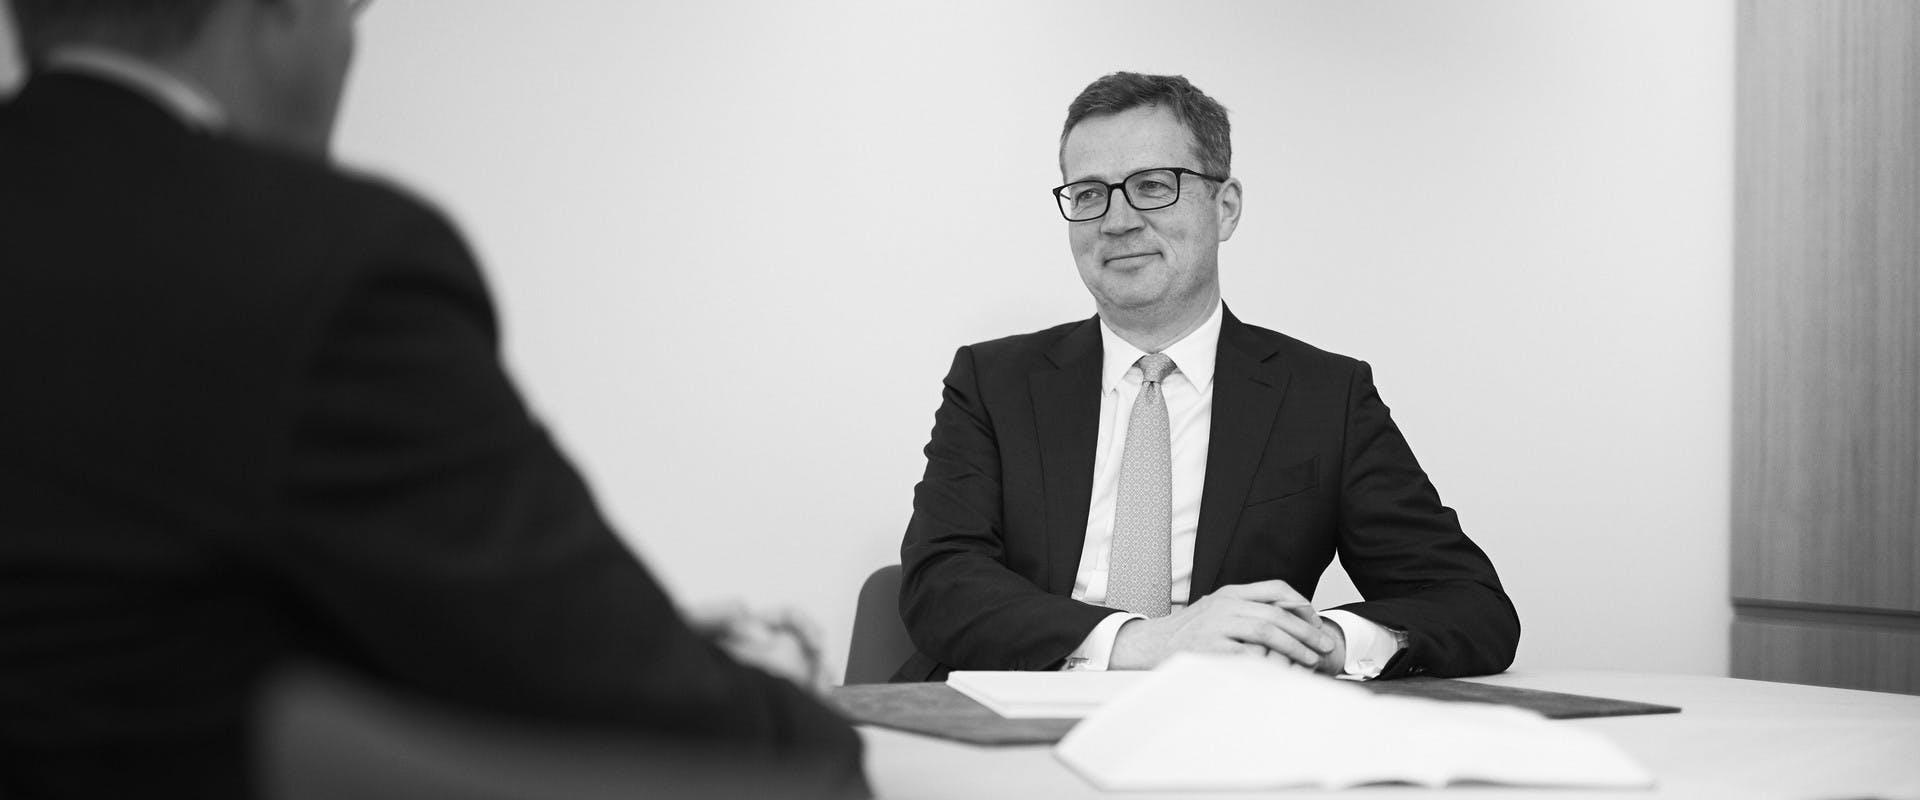 Notar Dr. Riemenschneider aus München im Gespräch